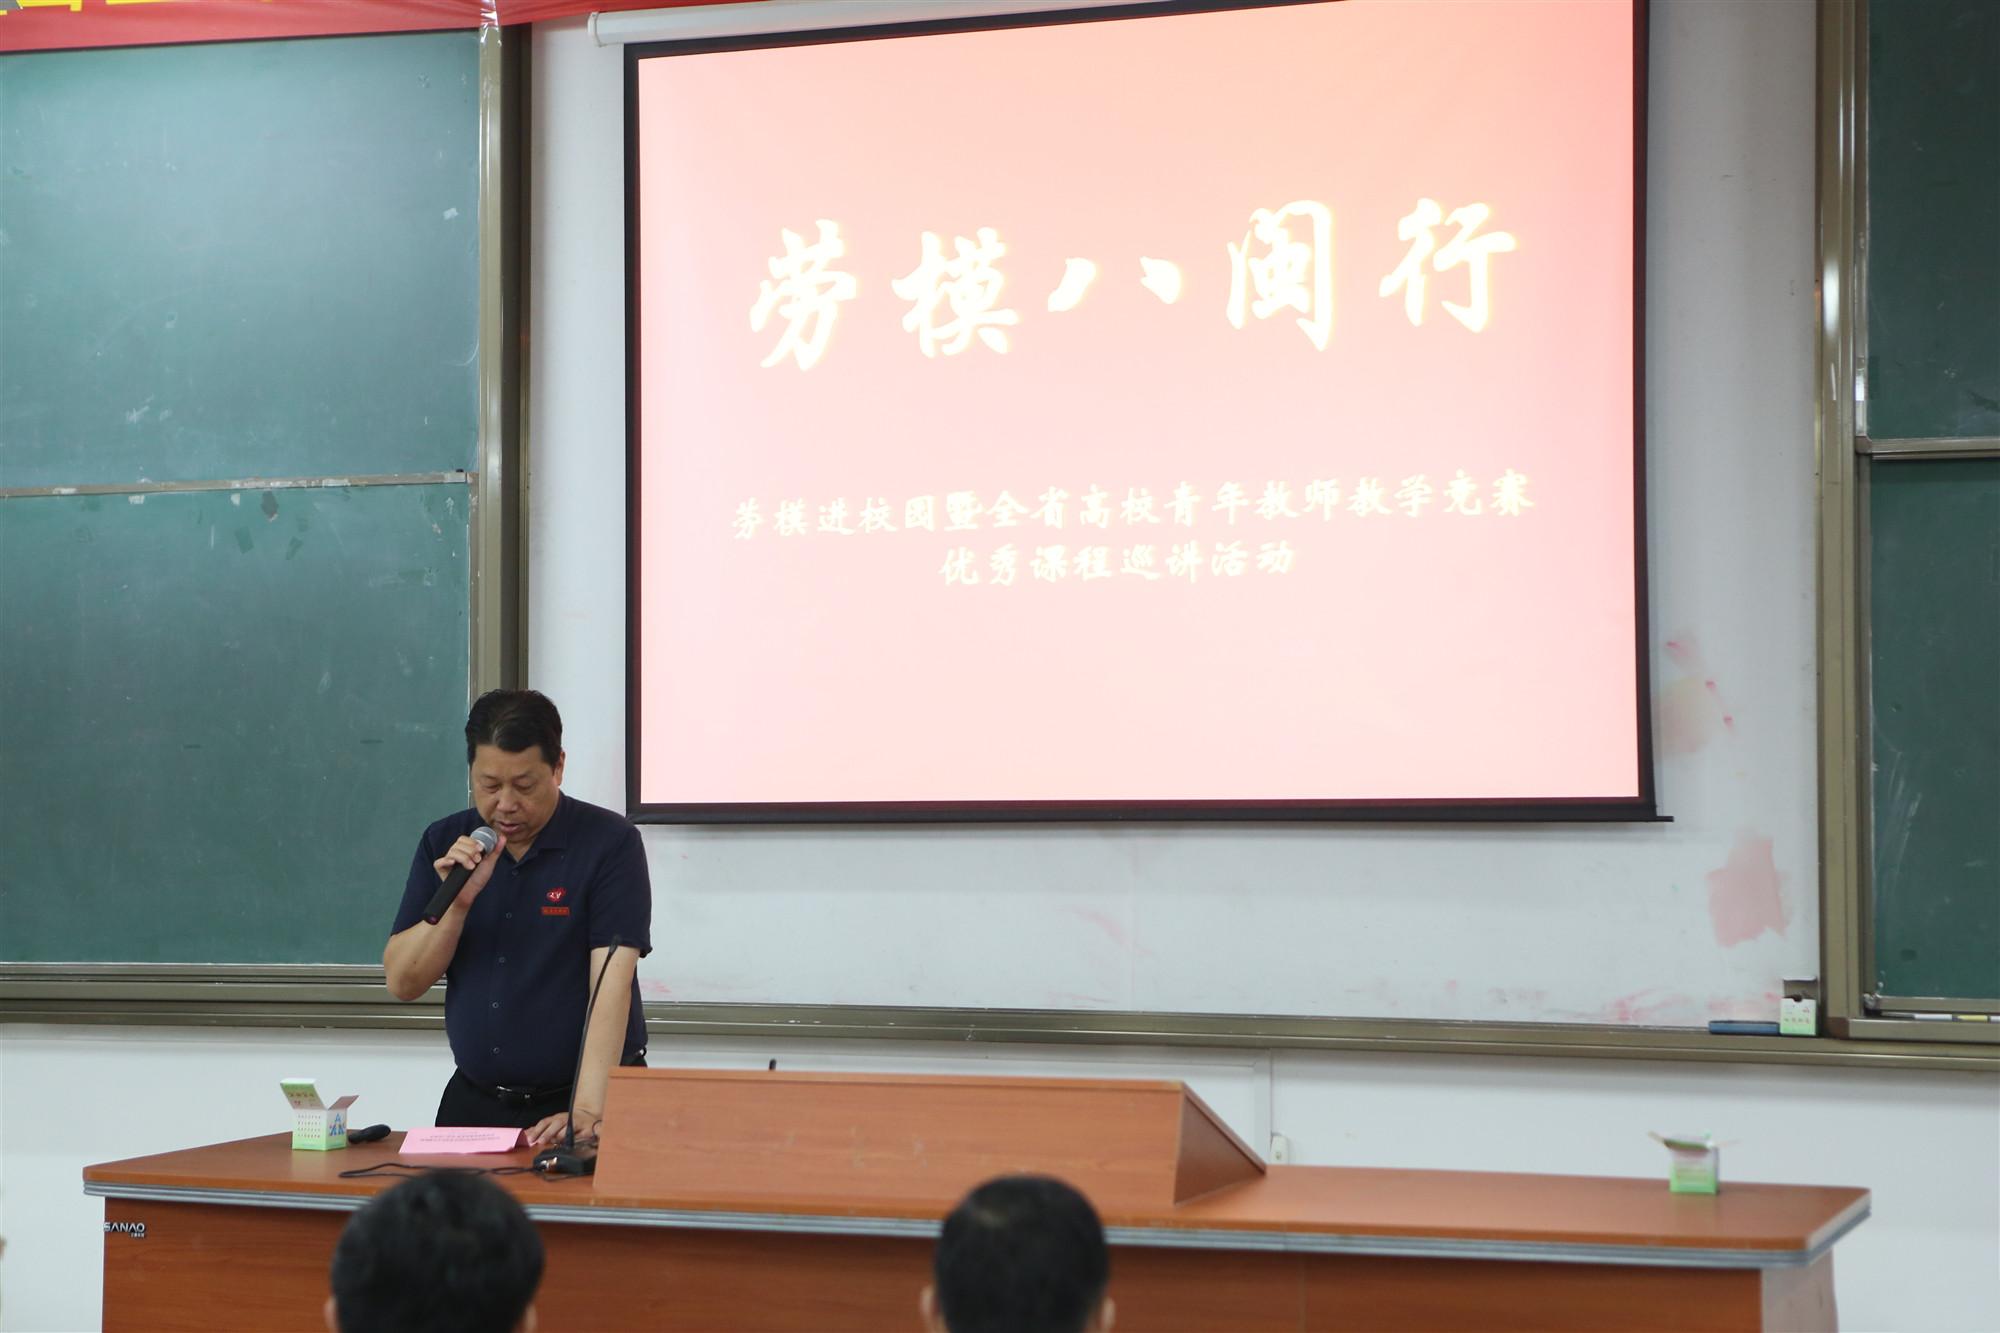 劳模进校园暨第四届全省高校青年教师教学竞赛优秀课程巡讲活动在我校举行